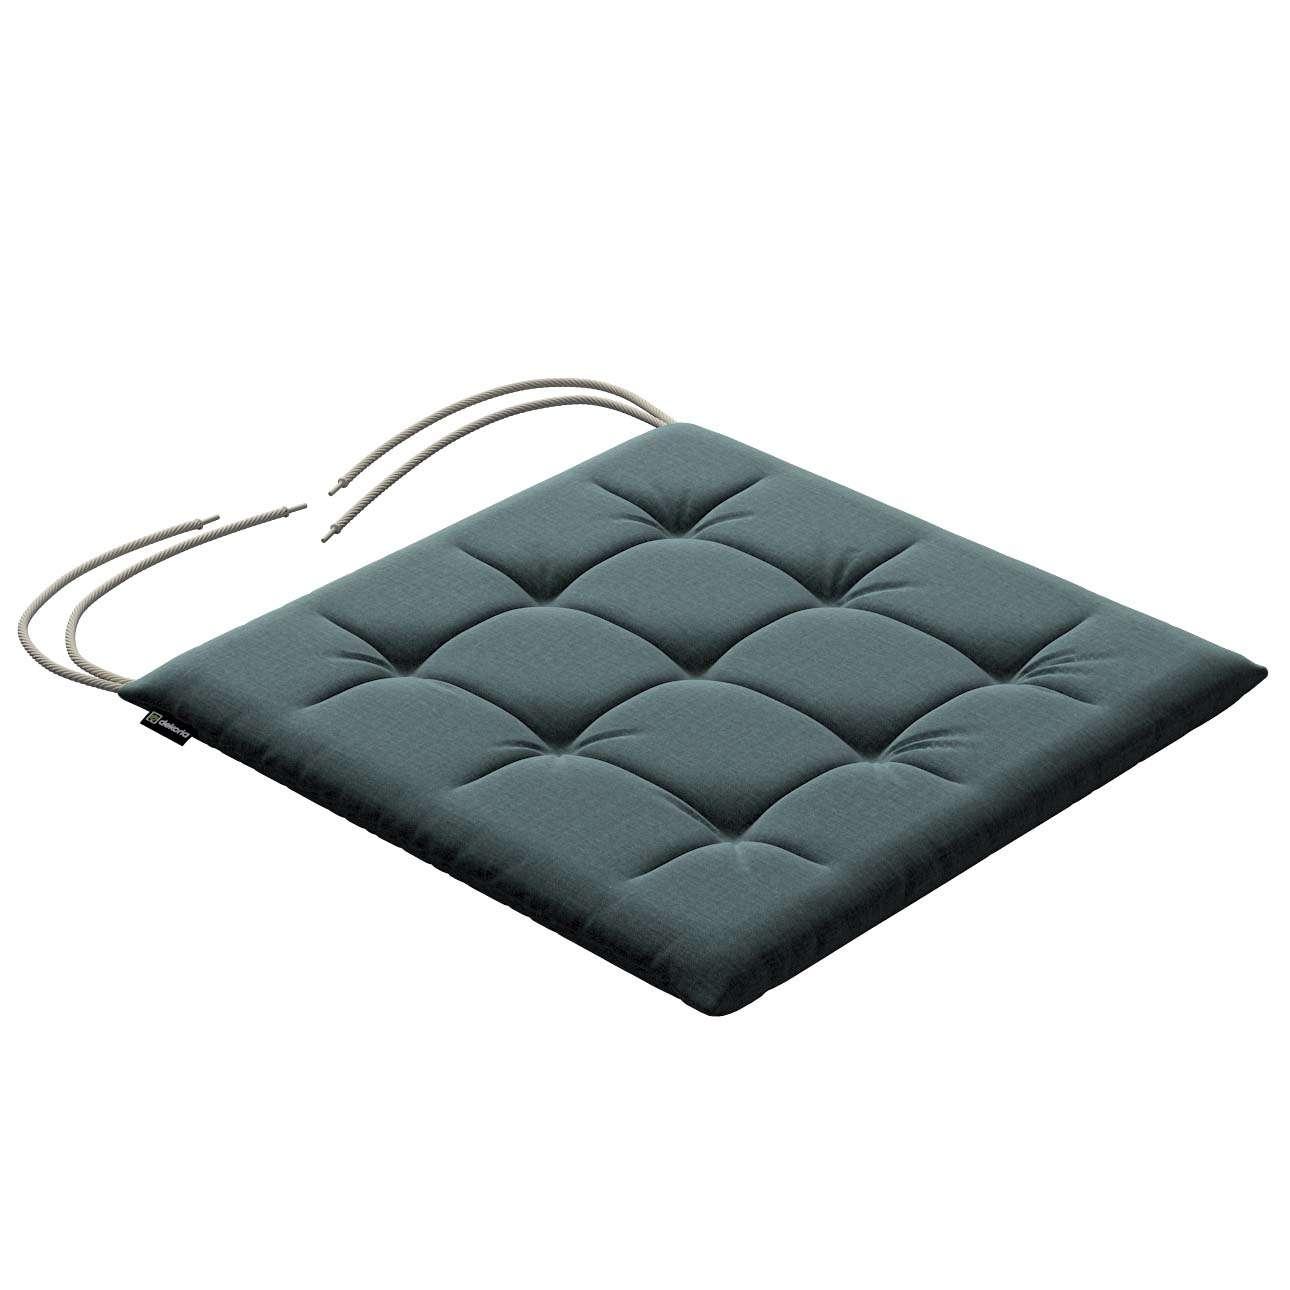 Siedzisko Karol na krzesło w kolekcji Ingrid, tkanina: 705-36